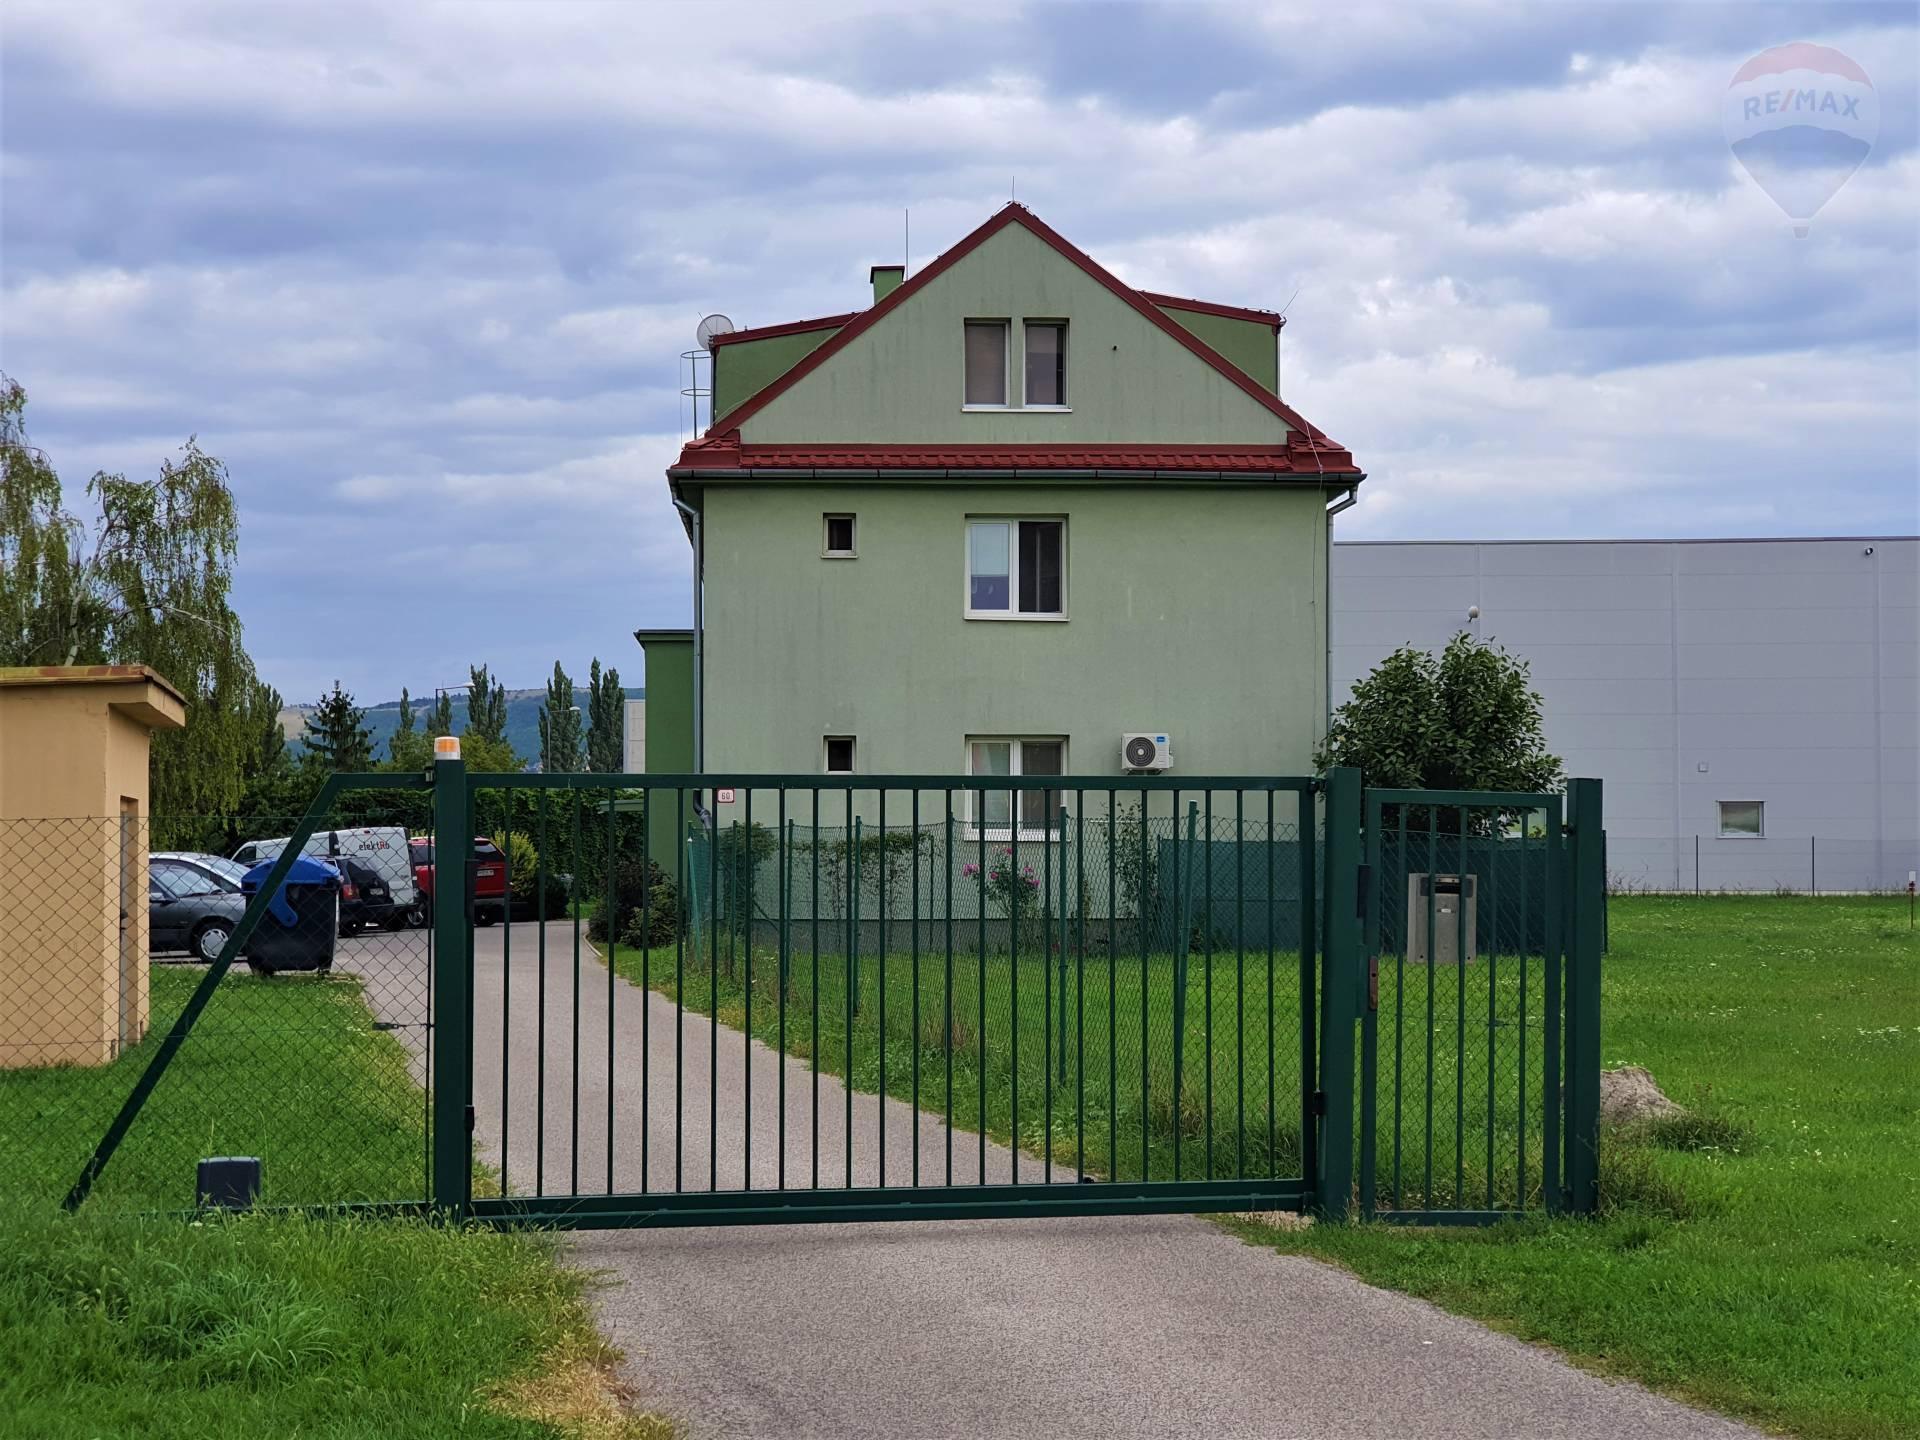 3-izb. veľkometrážny byt v pôvodnom stave, Nitra – Štúrova ul.